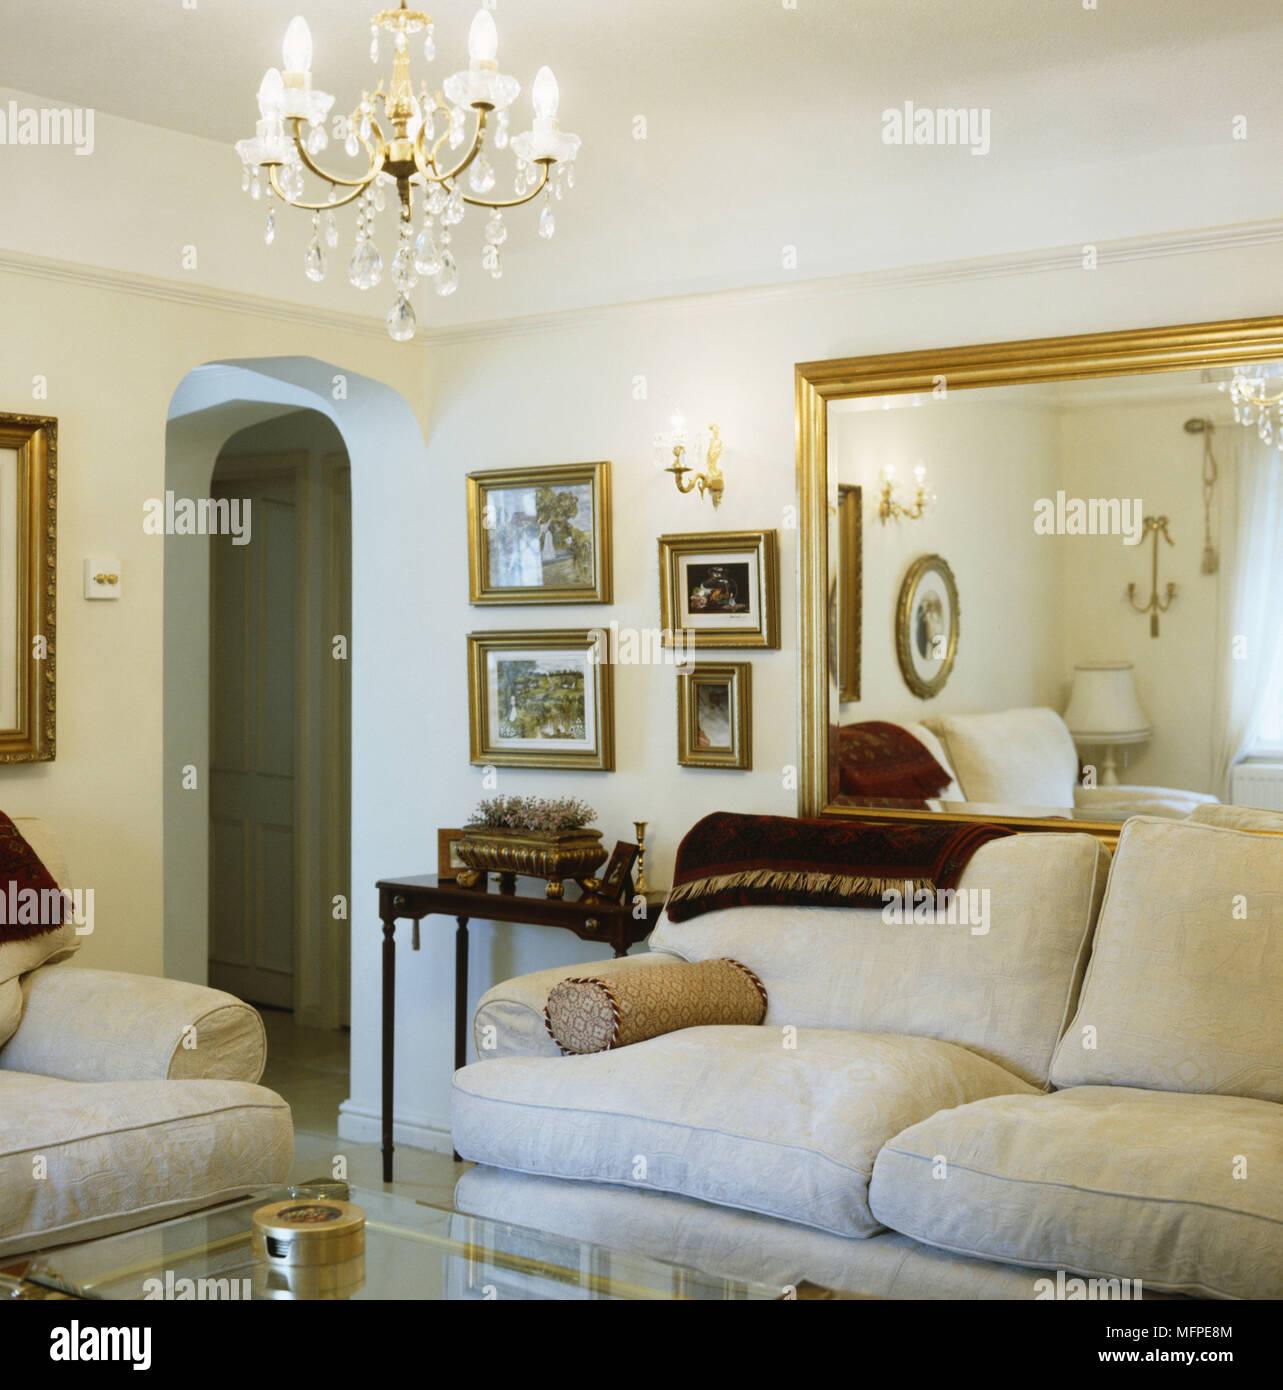 Ein traditionelles Wohnzimmer mit einem Kronleuchter über ...